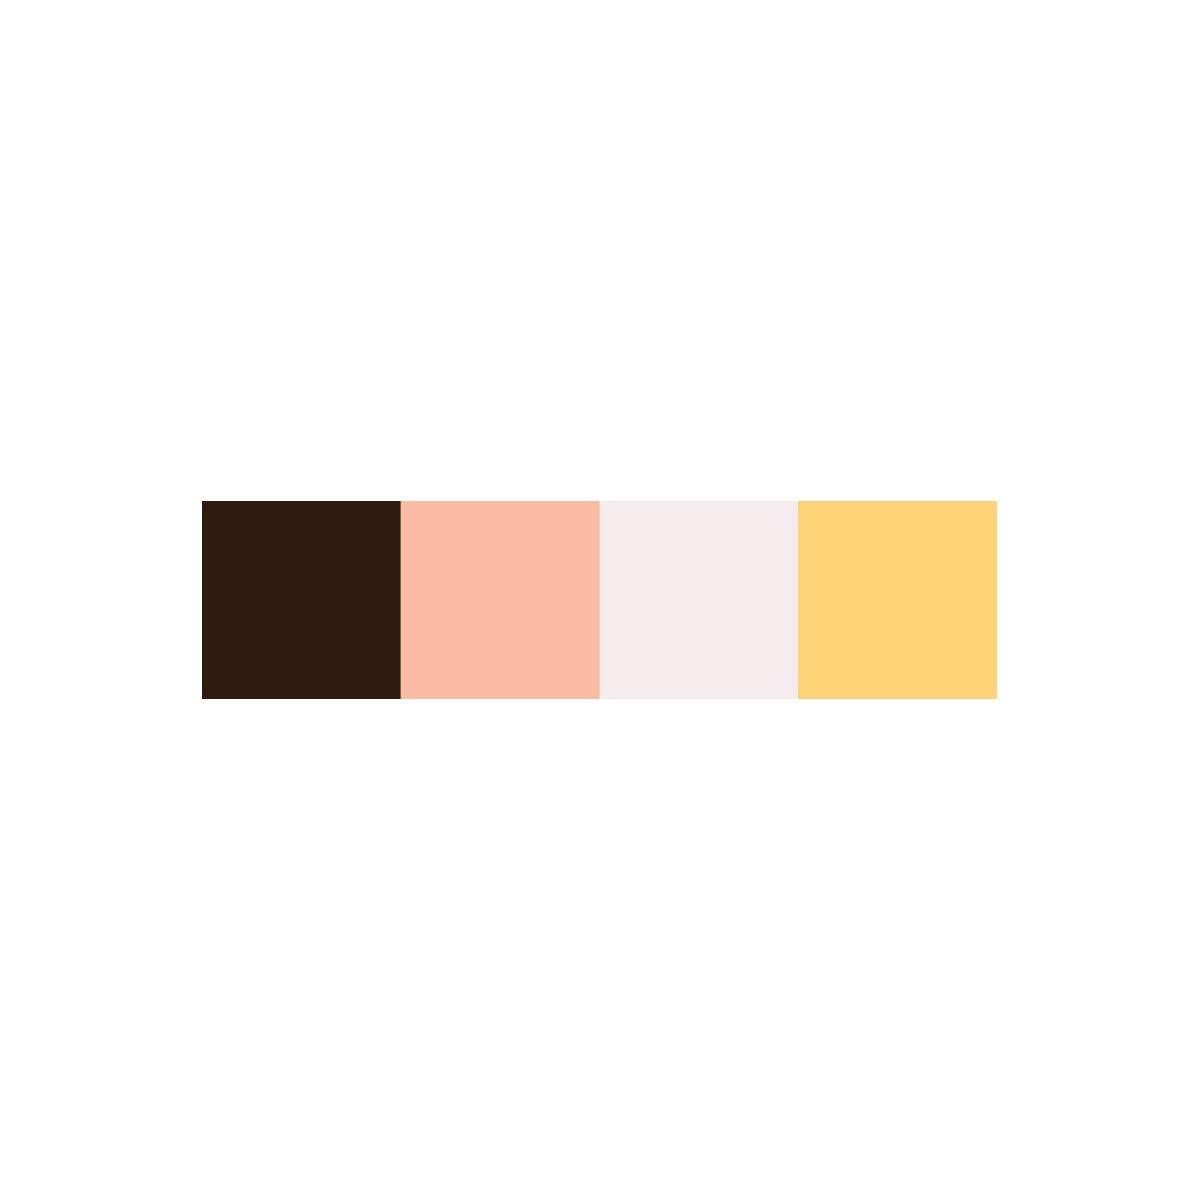 illume silks rebrand new color palette